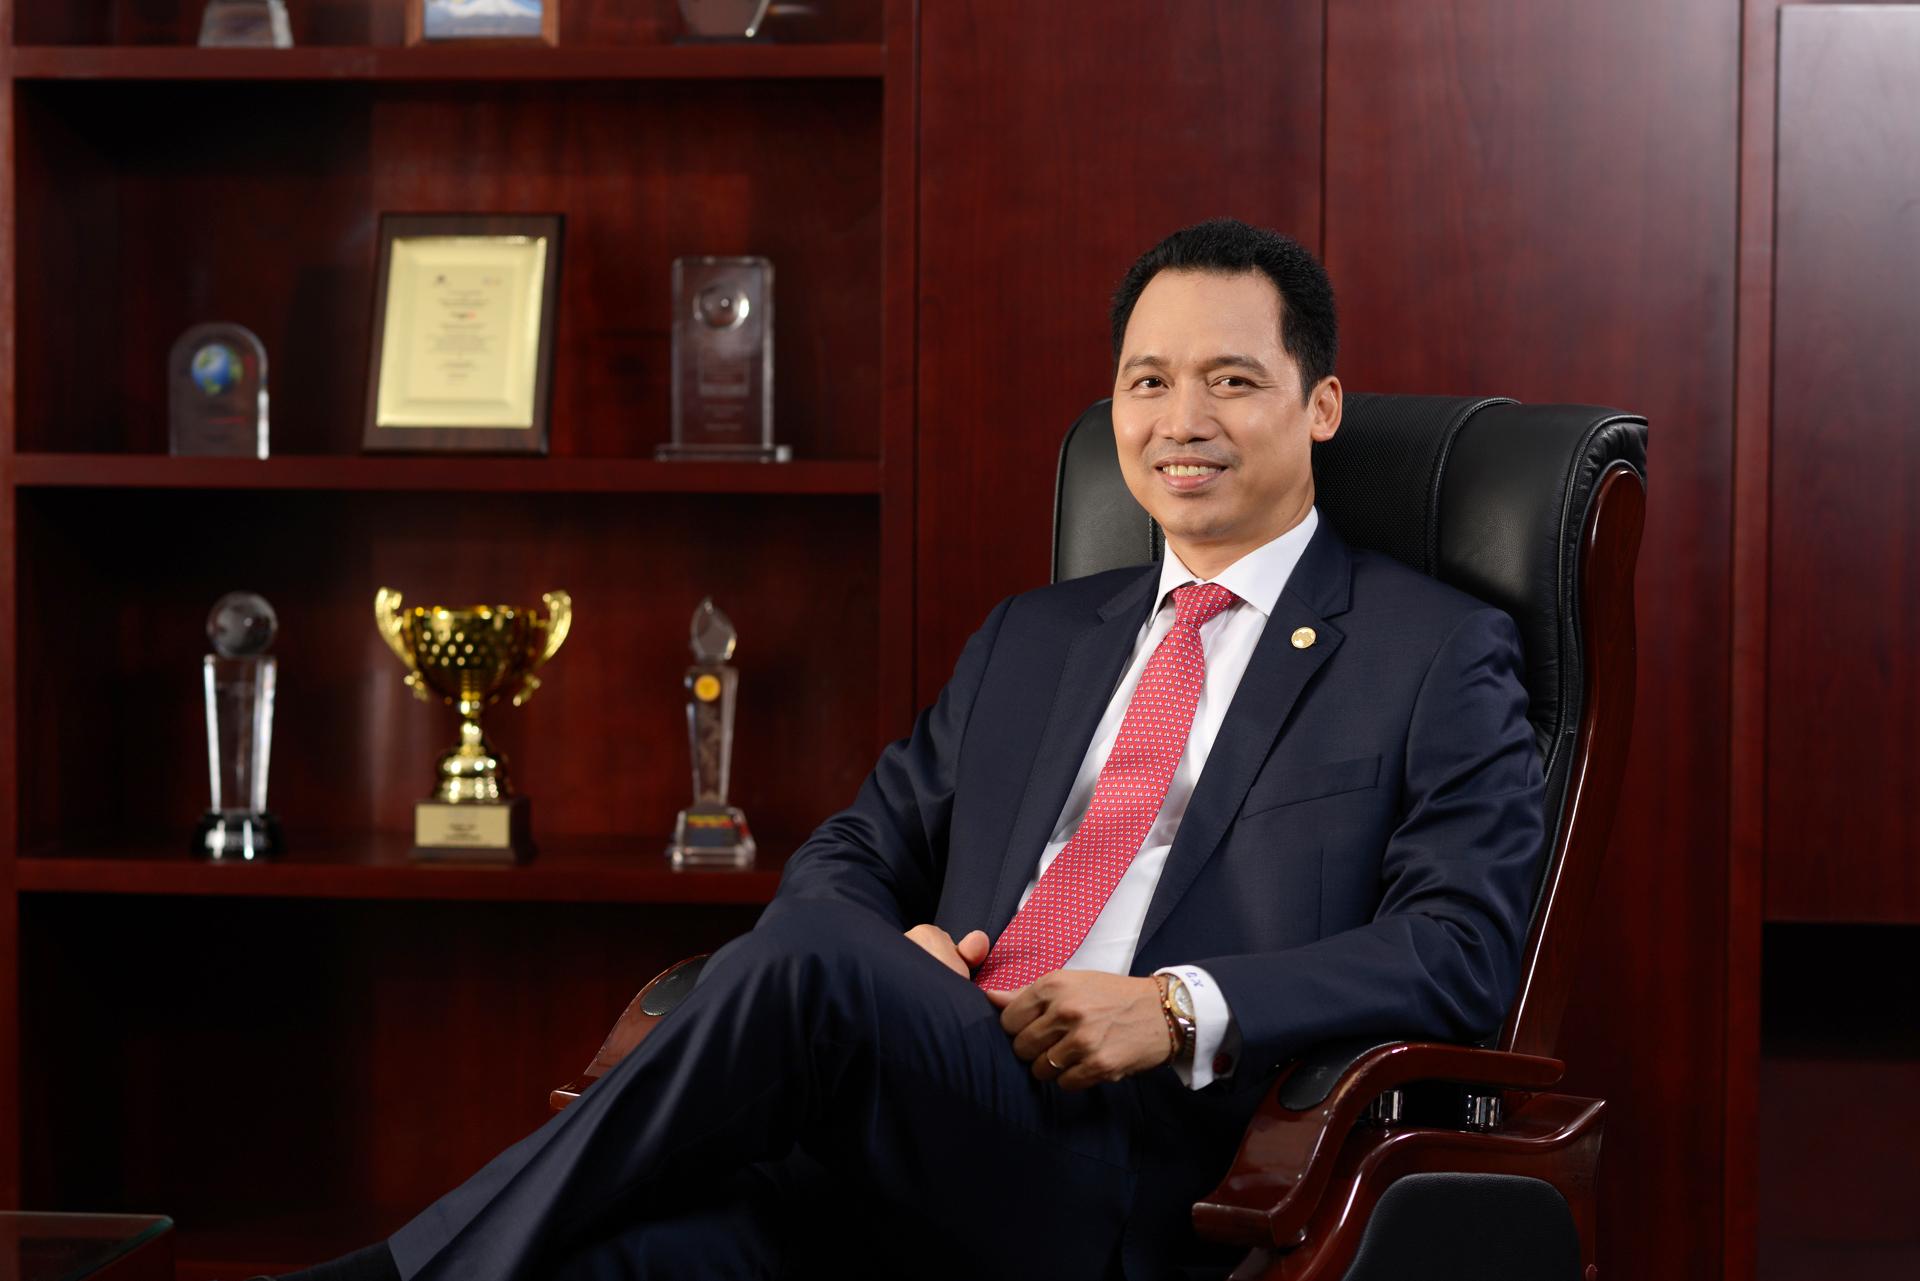 Ông Huỳnh Bửu Quang được bổ nhiệm làm Phó chủ tịch thường trực HĐQT MSB